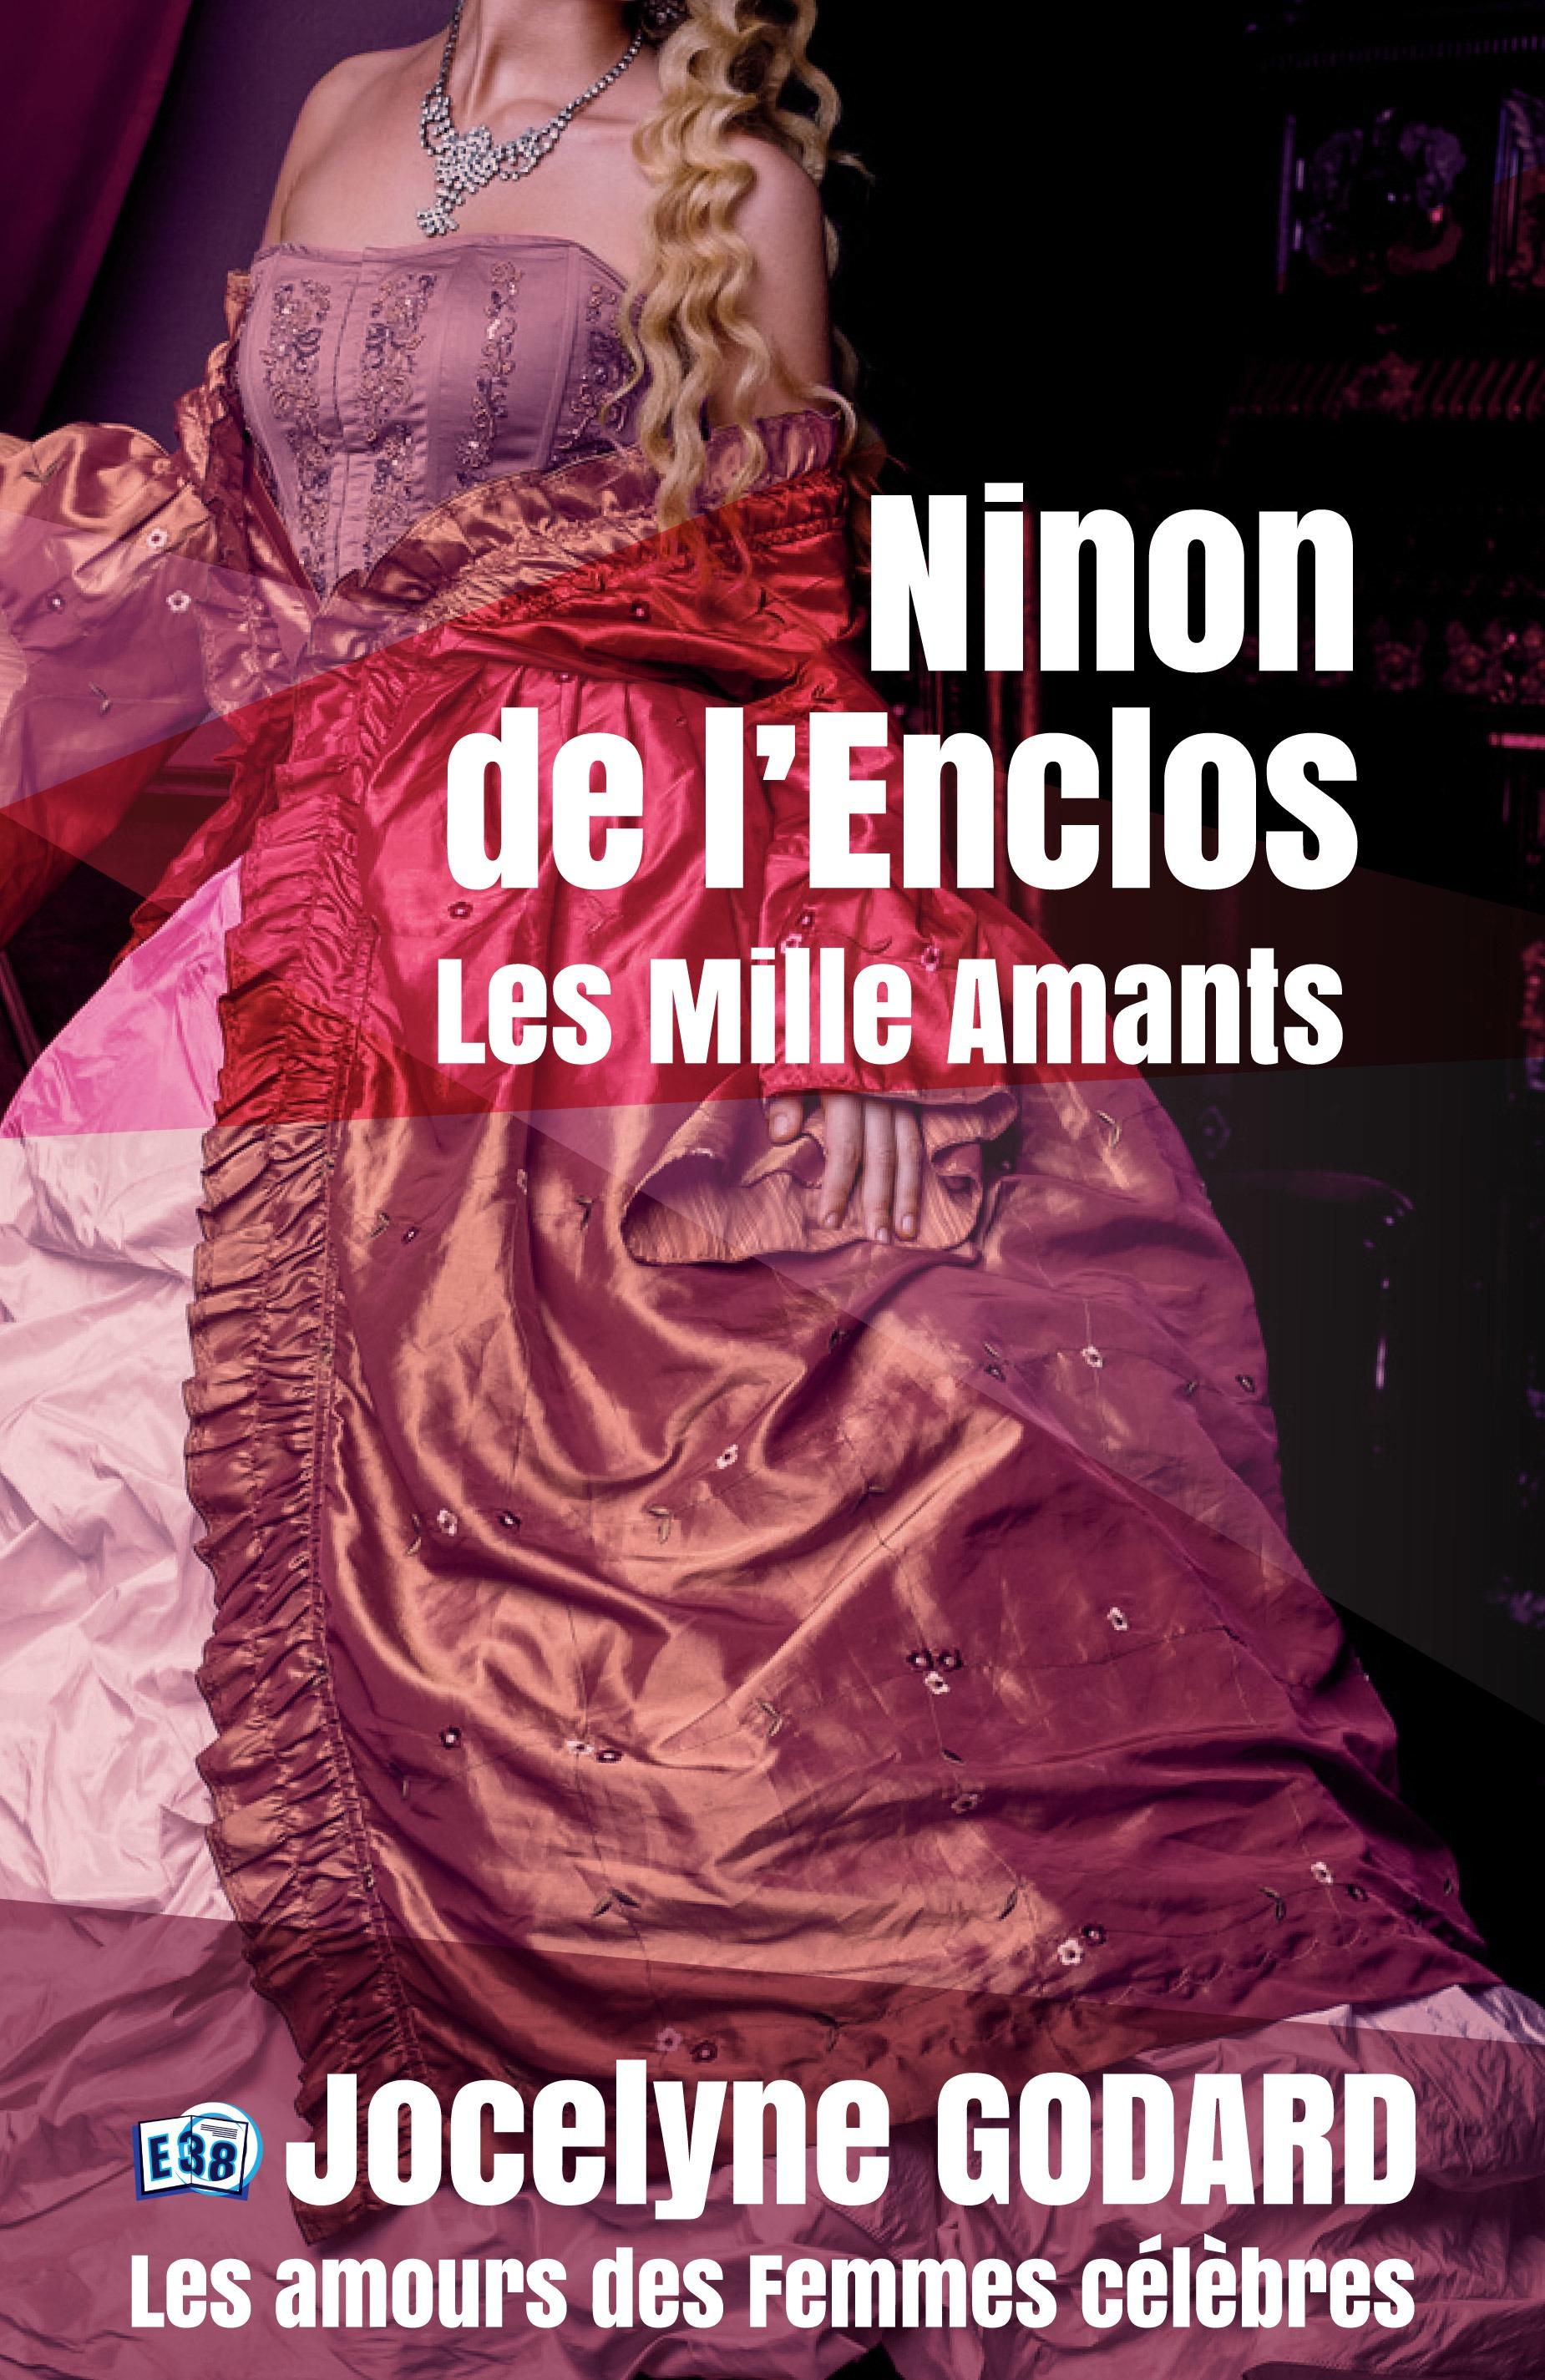 Ninon de Lenclos, les mille amants, LES AMOURS DES FEMMES CÉLÈBRES